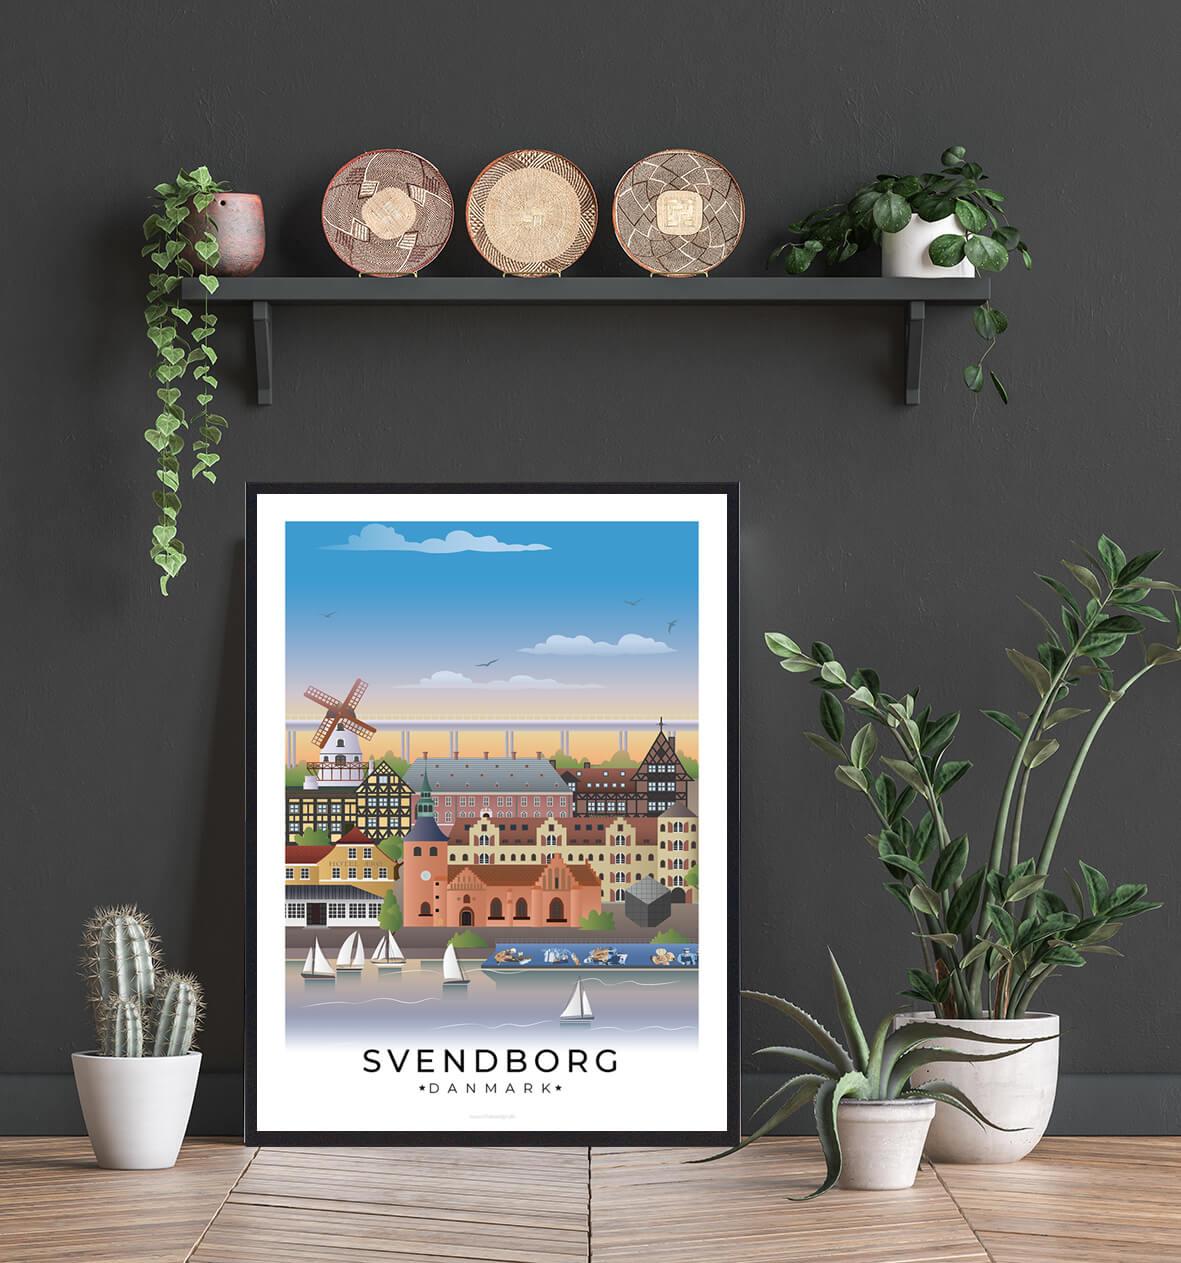 Svendborg-plakat-boligen-1